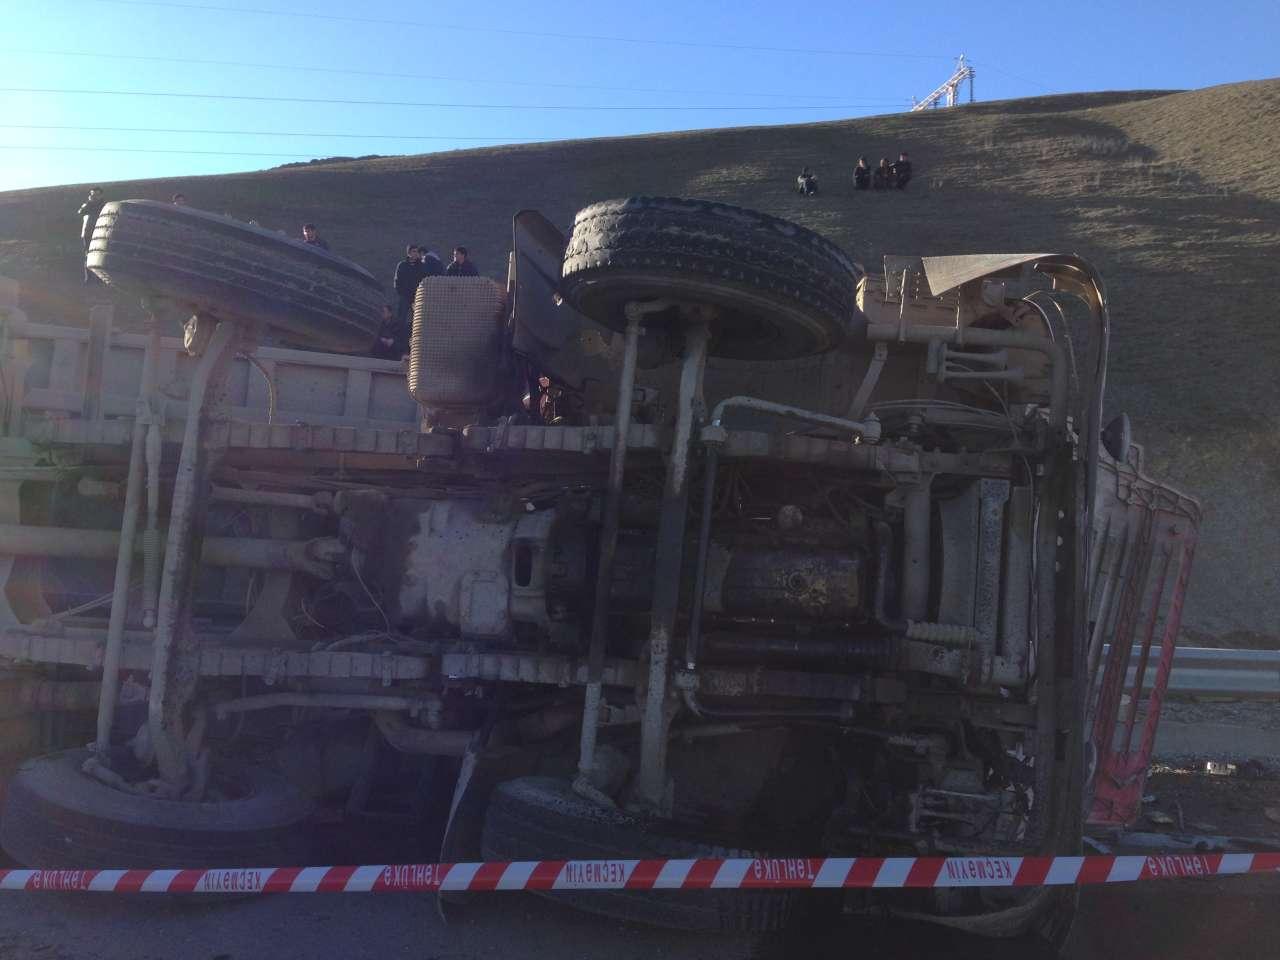 В Шамахе произошло тяжелое ДТП, погибло 6 человек (версия 2)  (ФОТО)